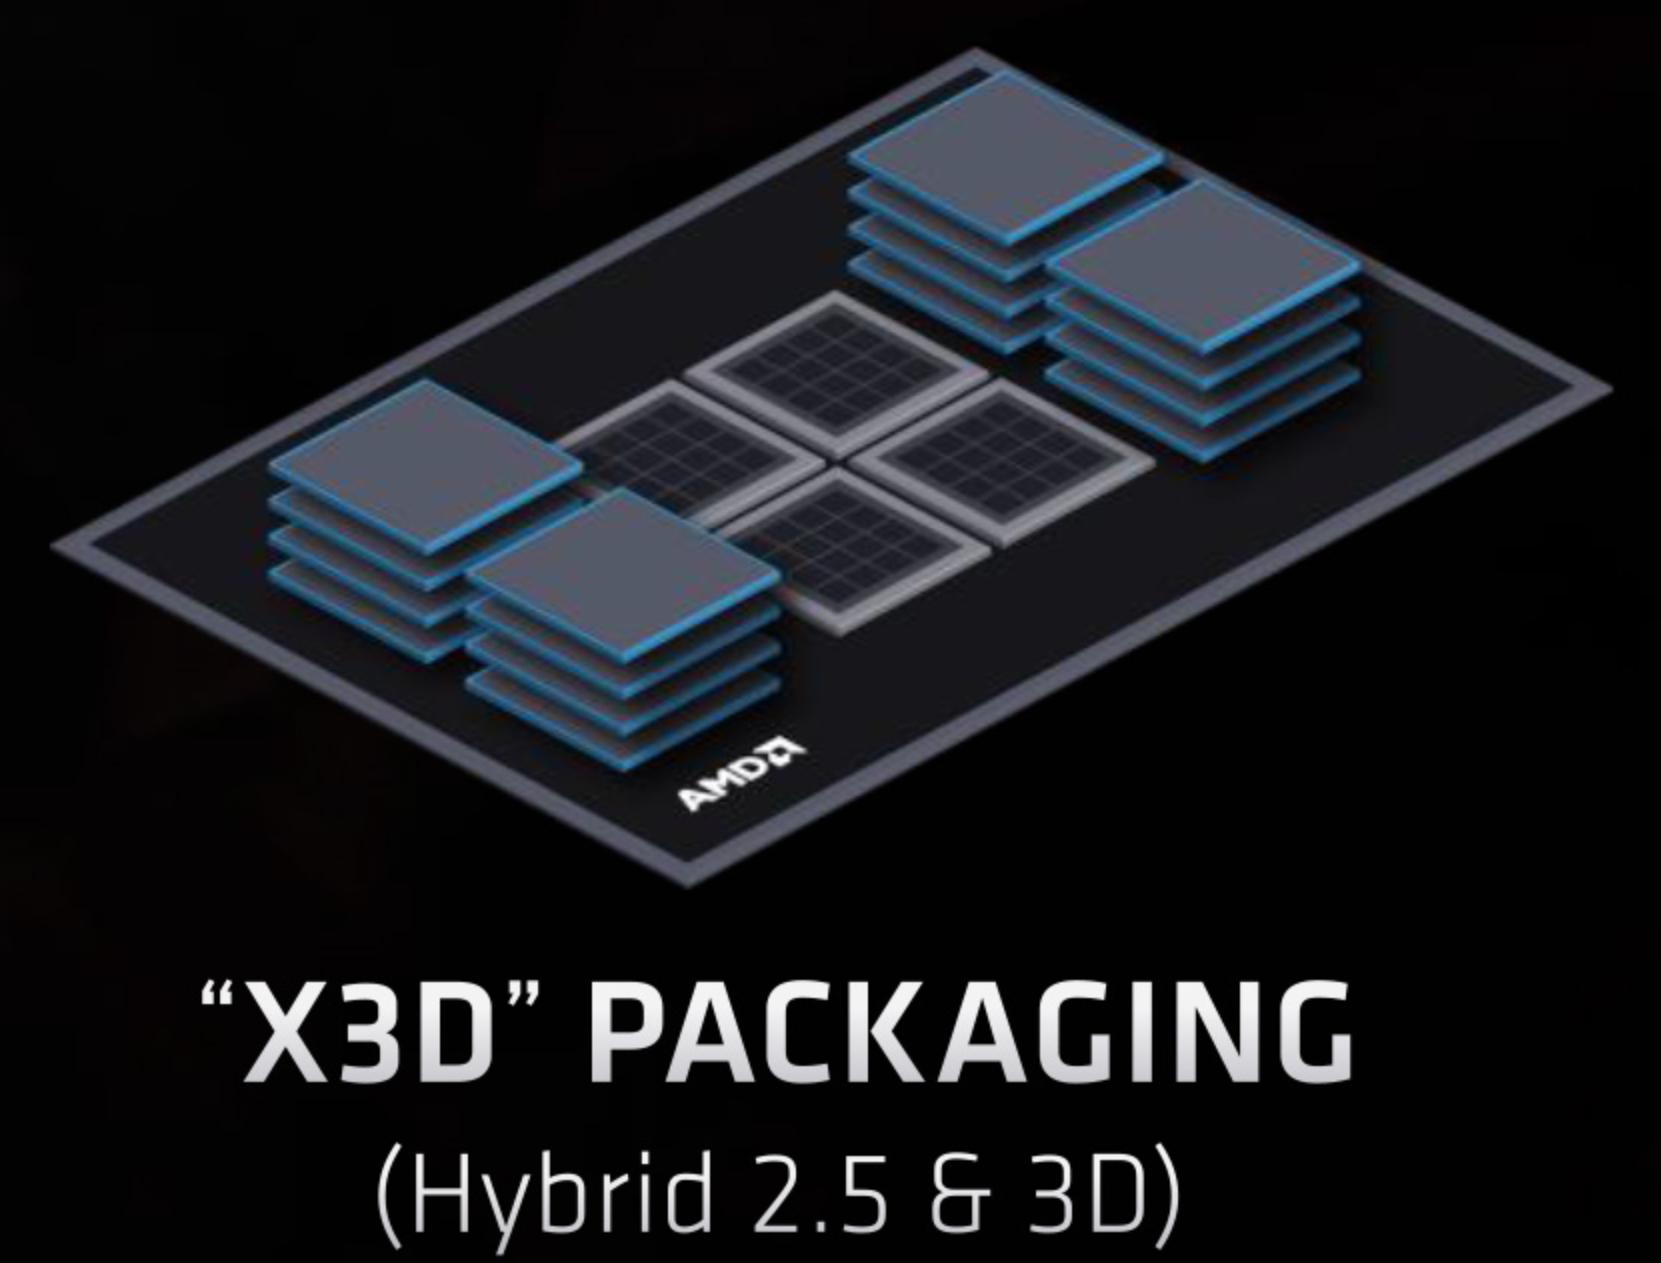 """照片中提到了AMDA、""""X3D"""" PACKAGING、(Hybrid 2.5 & 3D),跟Advanced Micro Devices公司有關,包含了AMD X3D、中央處理器、AMD公司、英特爾"""